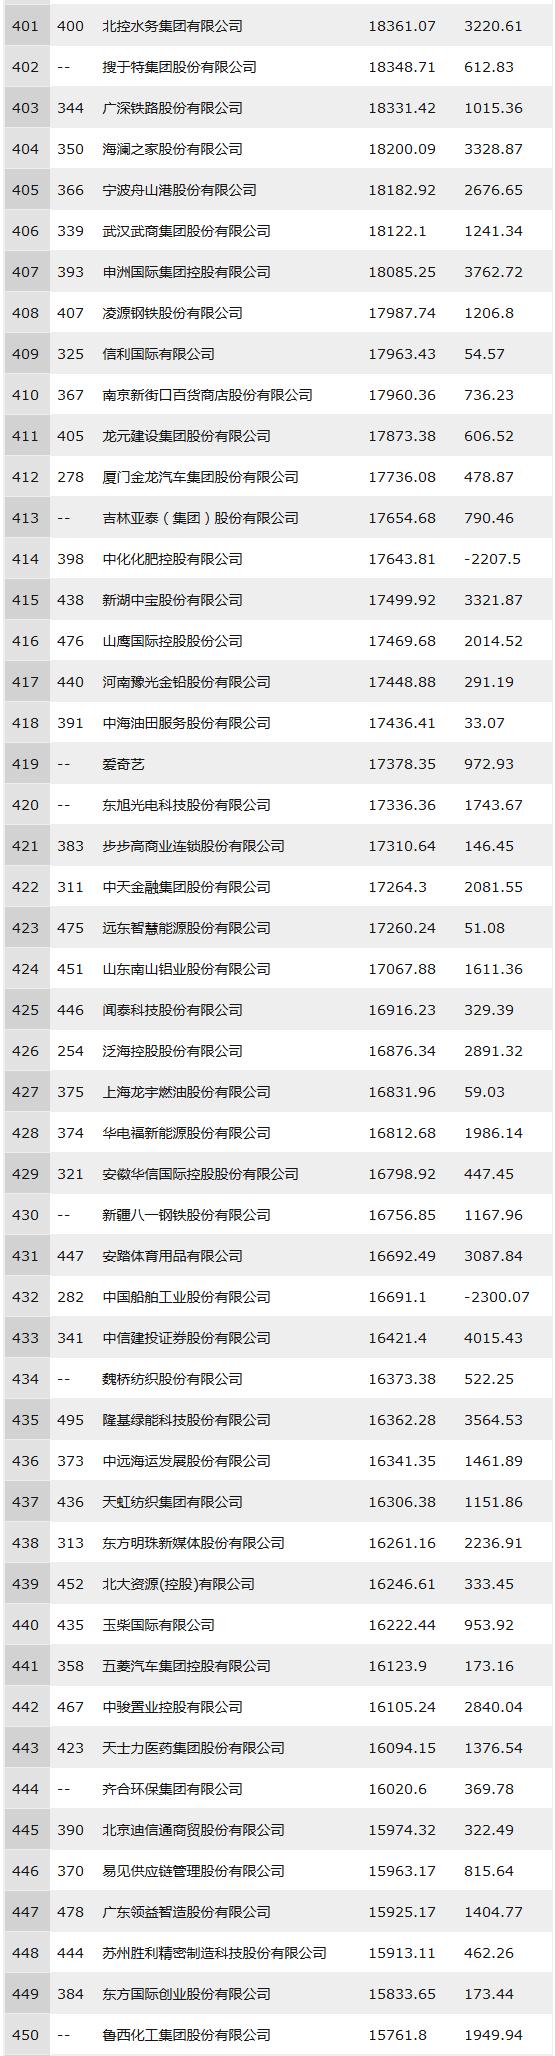 2018年中国500强排行榜(全部榜单)401-450